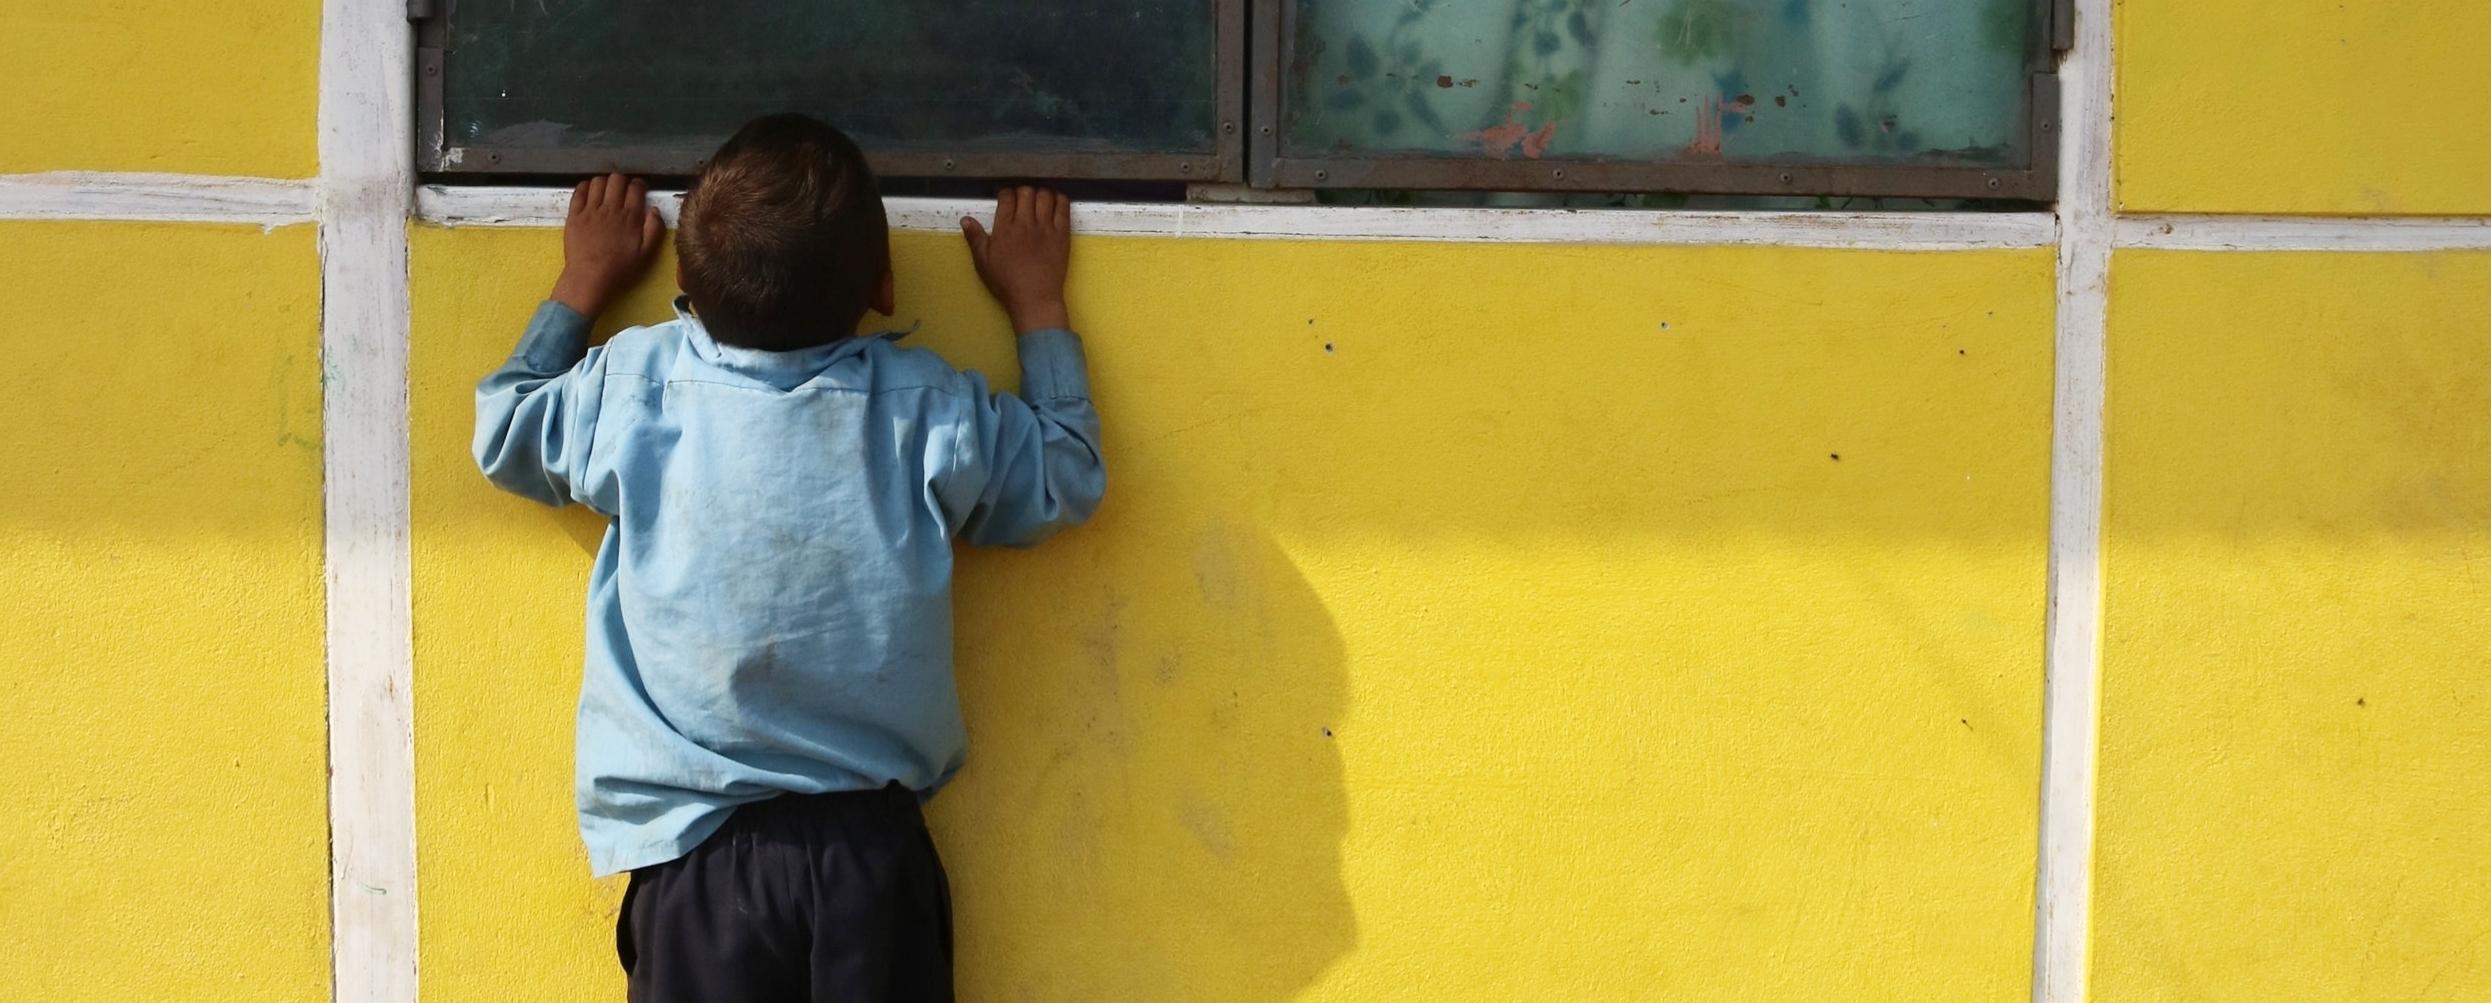 Rural school in Nepal